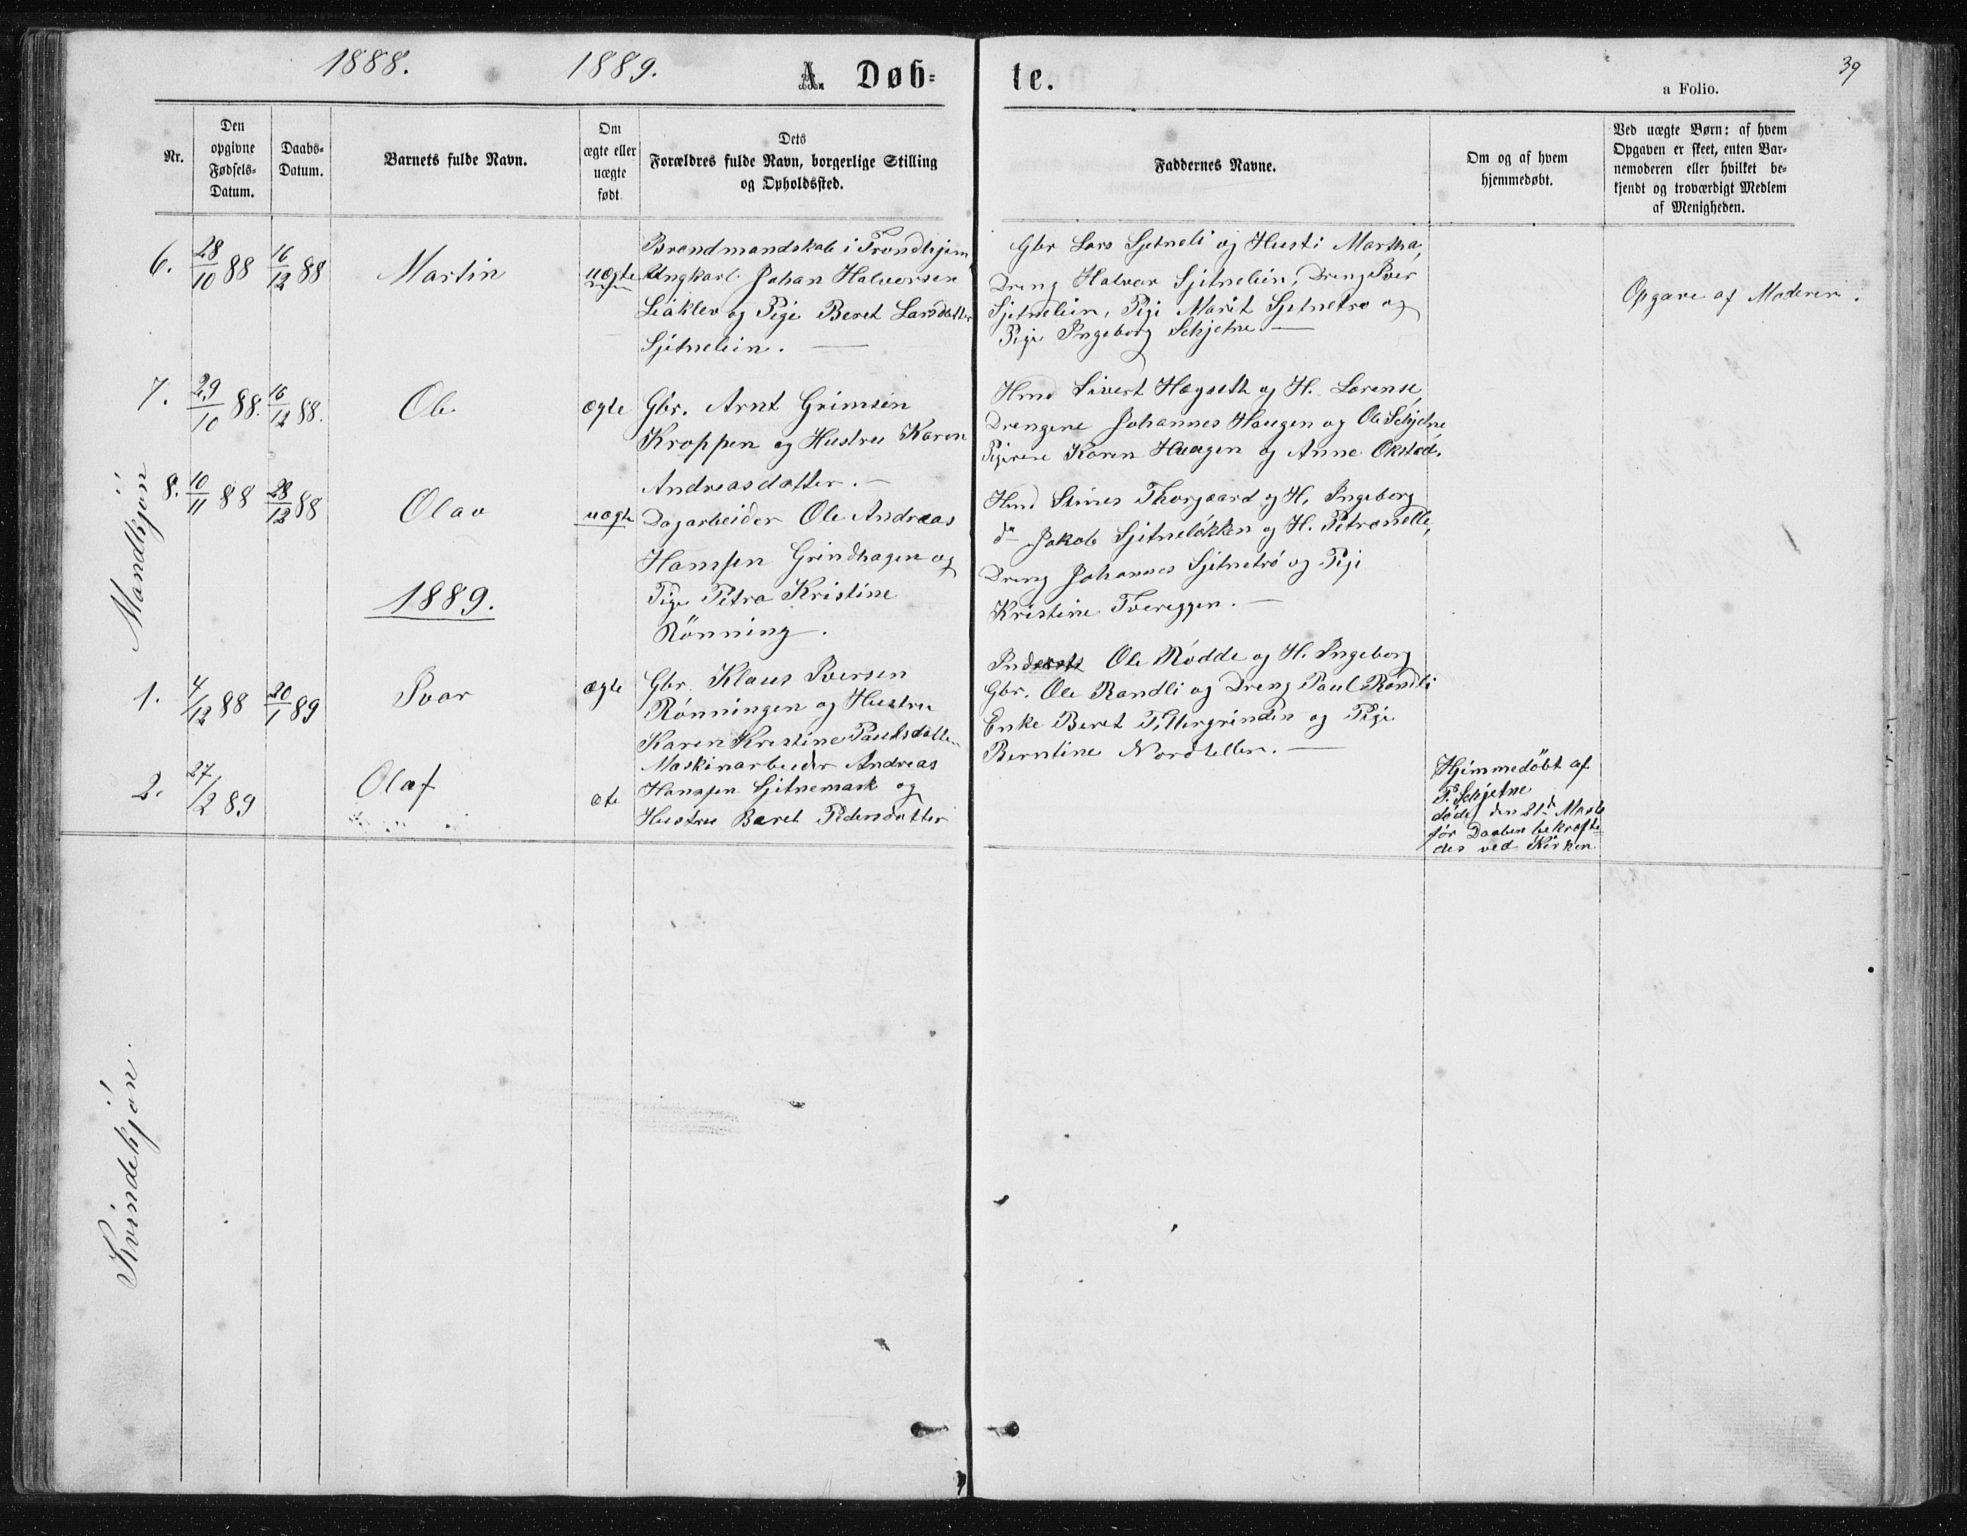 SAT, Ministerialprotokoller, klokkerbøker og fødselsregistre - Sør-Trøndelag, 621/L0459: Klokkerbok nr. 621C02, 1866-1895, s. 39